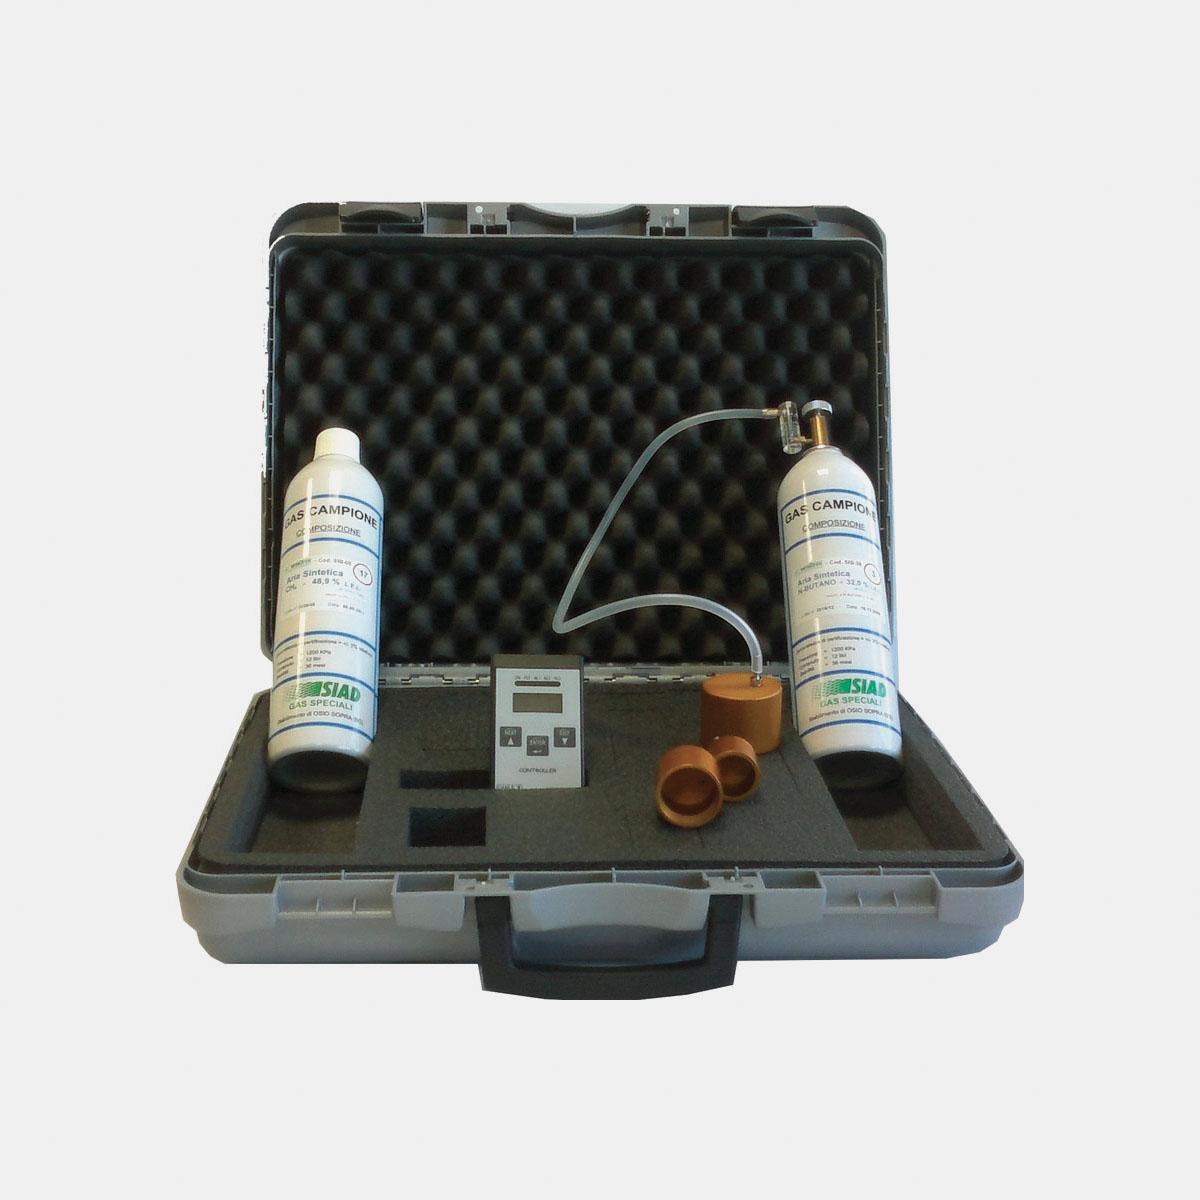 Gas Campione per Test Rilevazione Antincendio